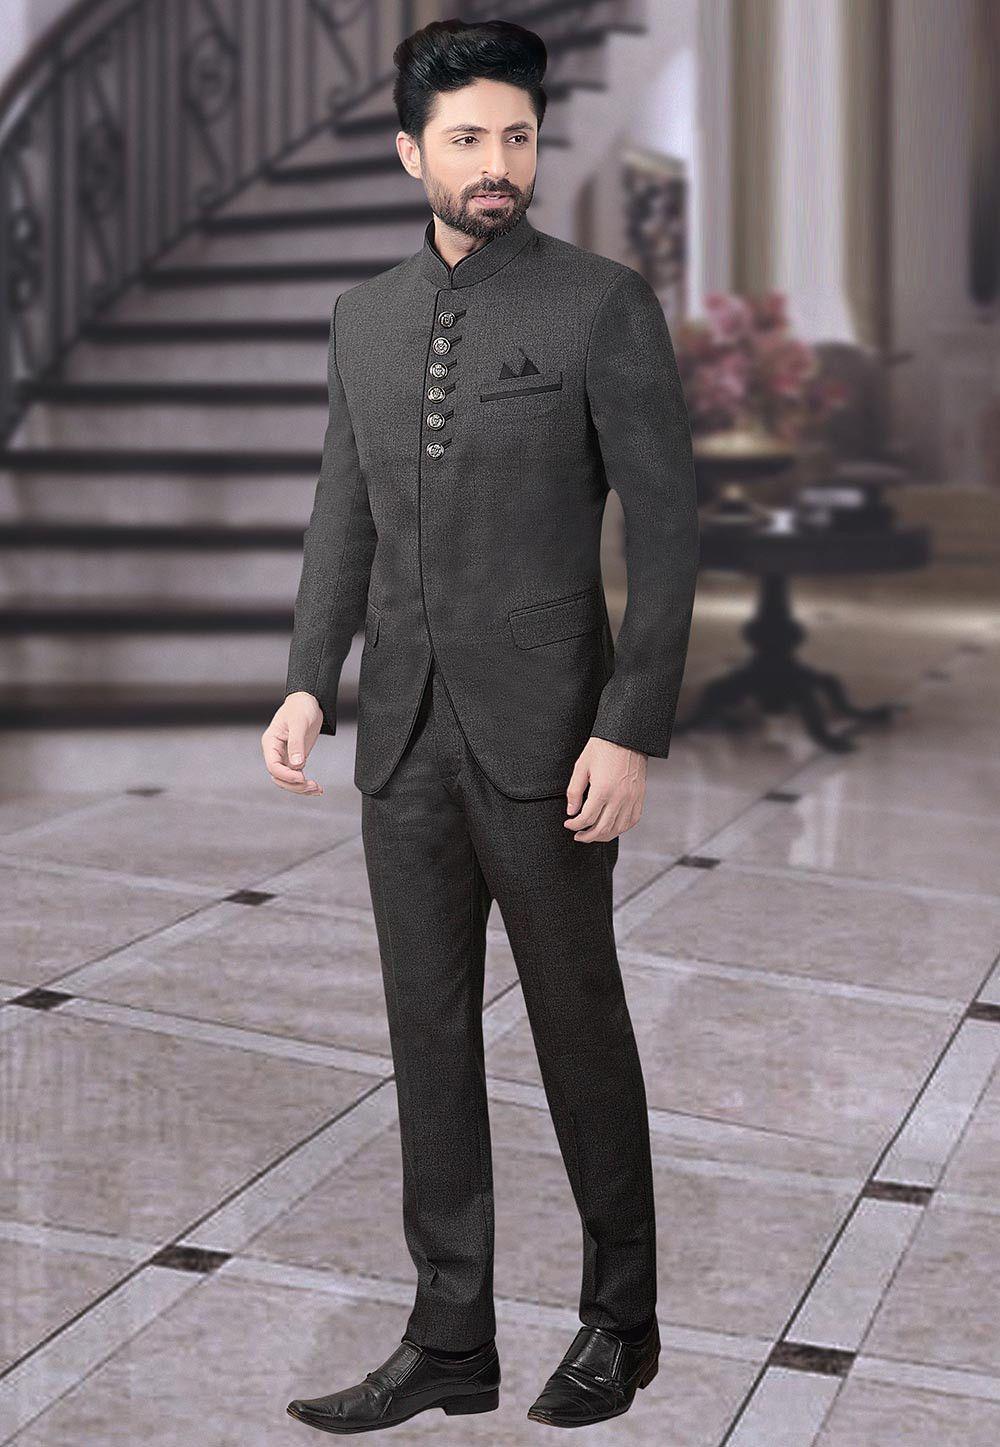 Terry Rayon Jodhpuri Suit in Charcoal